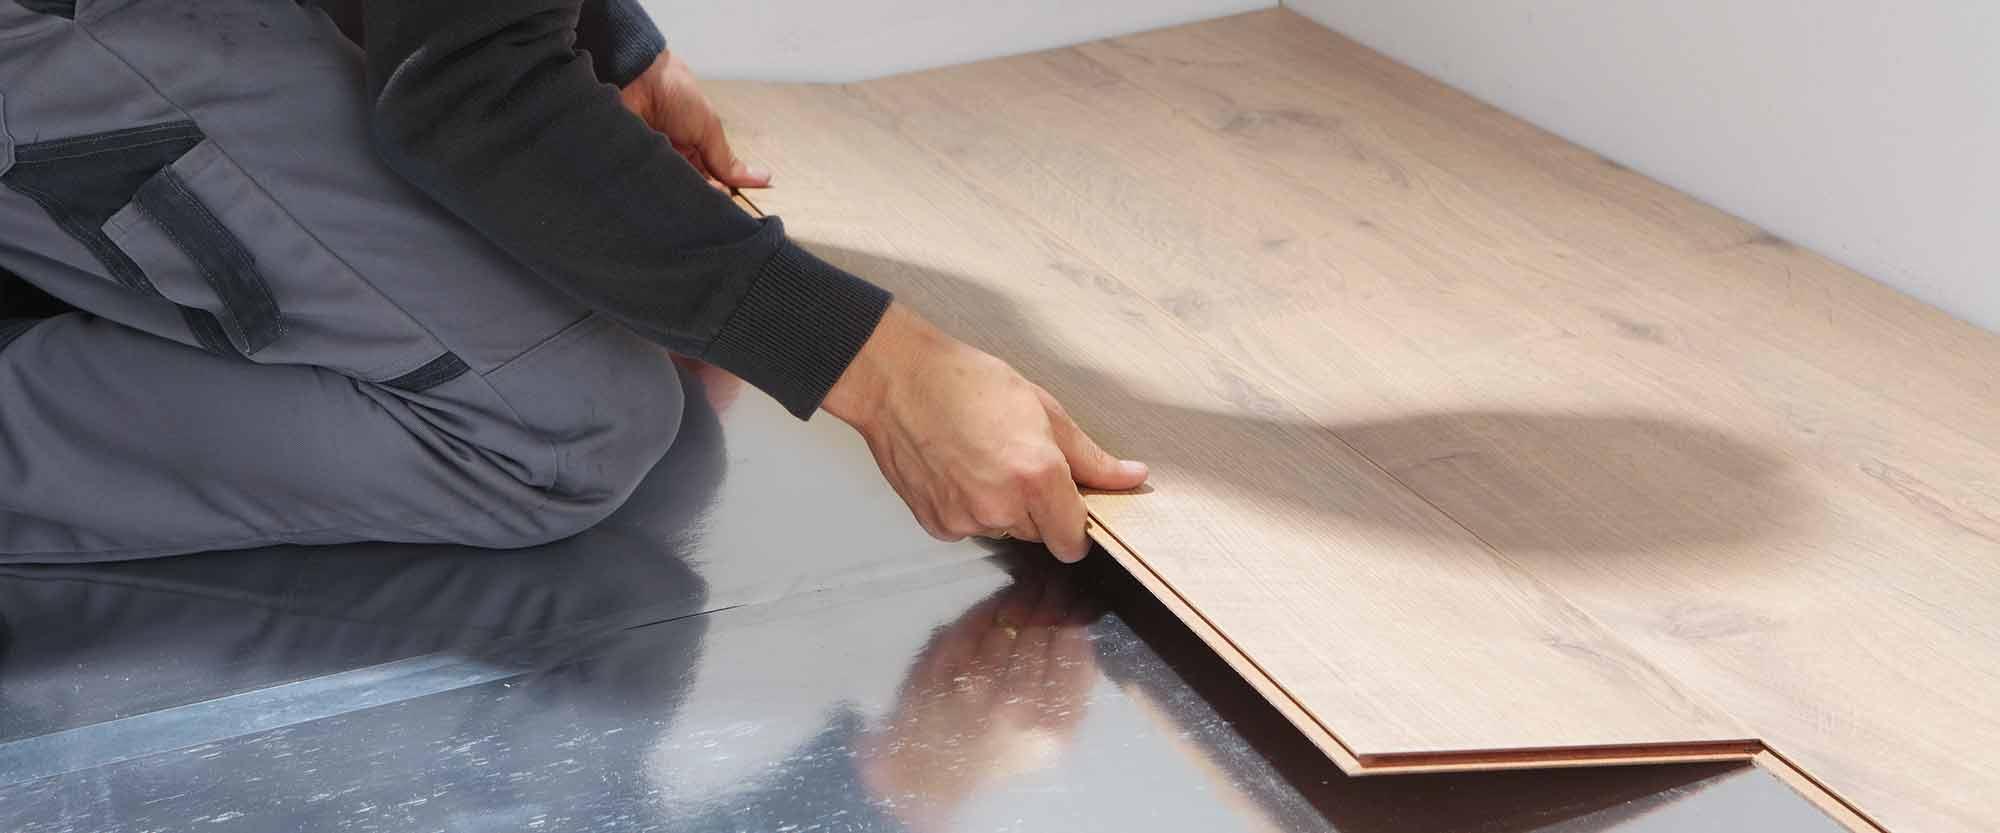 wineo Unterlagsmatte Verlegung DIY Laminatboden Bodenbelag Trittschalldämmung